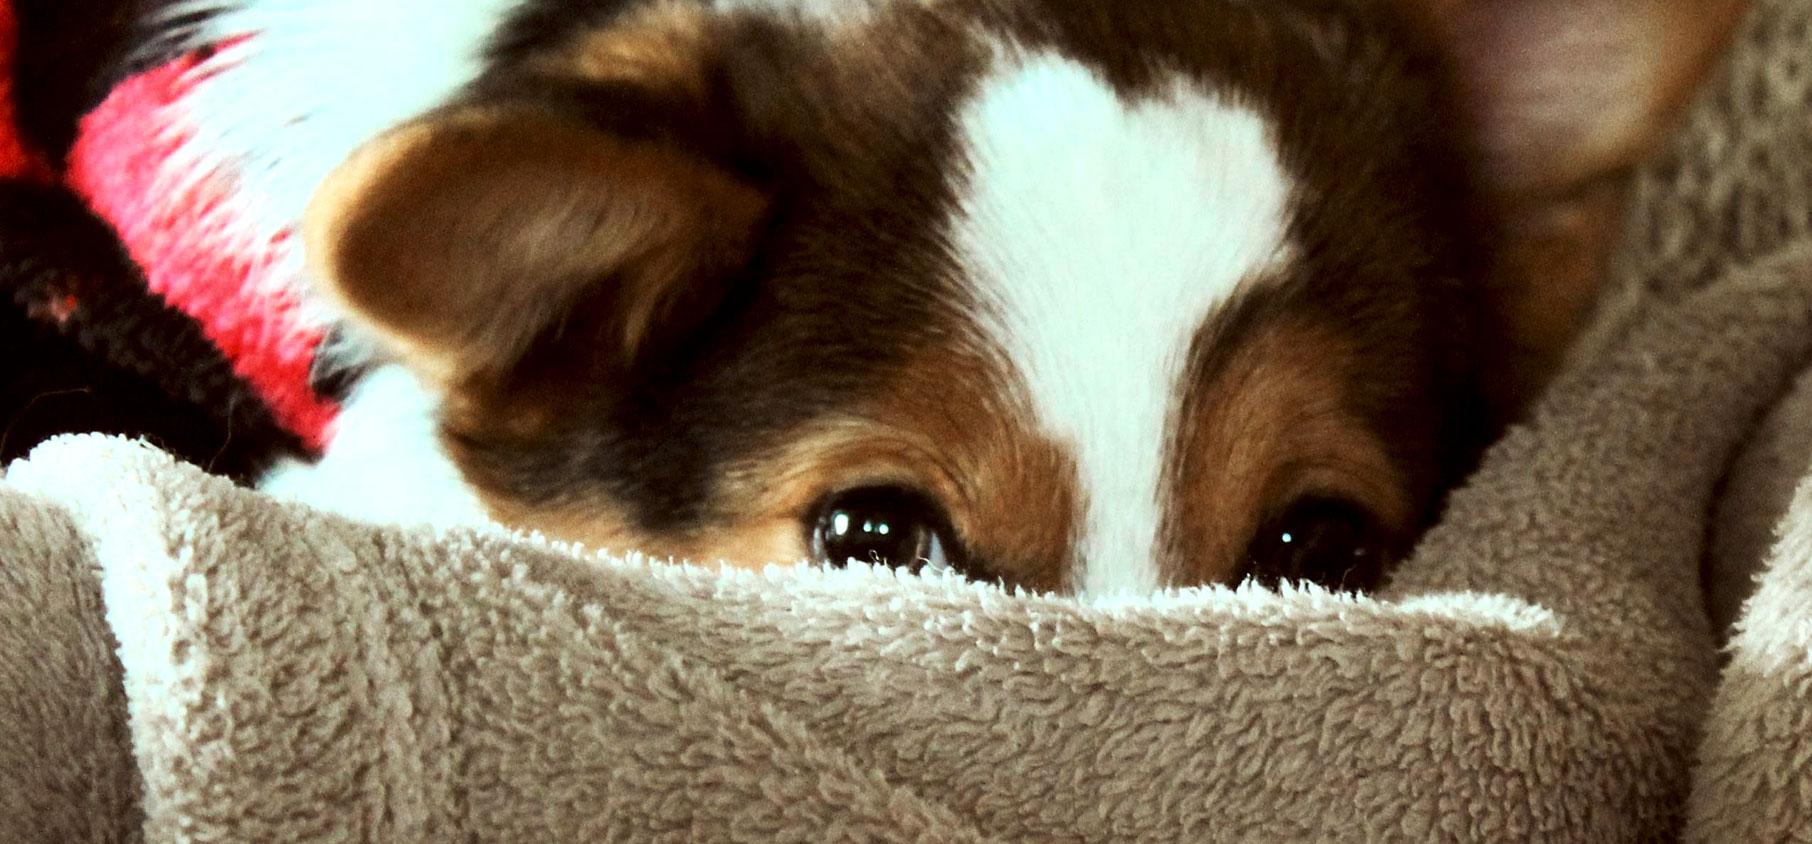 Dog Human Walk Hundeschule Hundepsychologe Hundetraining Bitburg Trier Wittlich Mythen